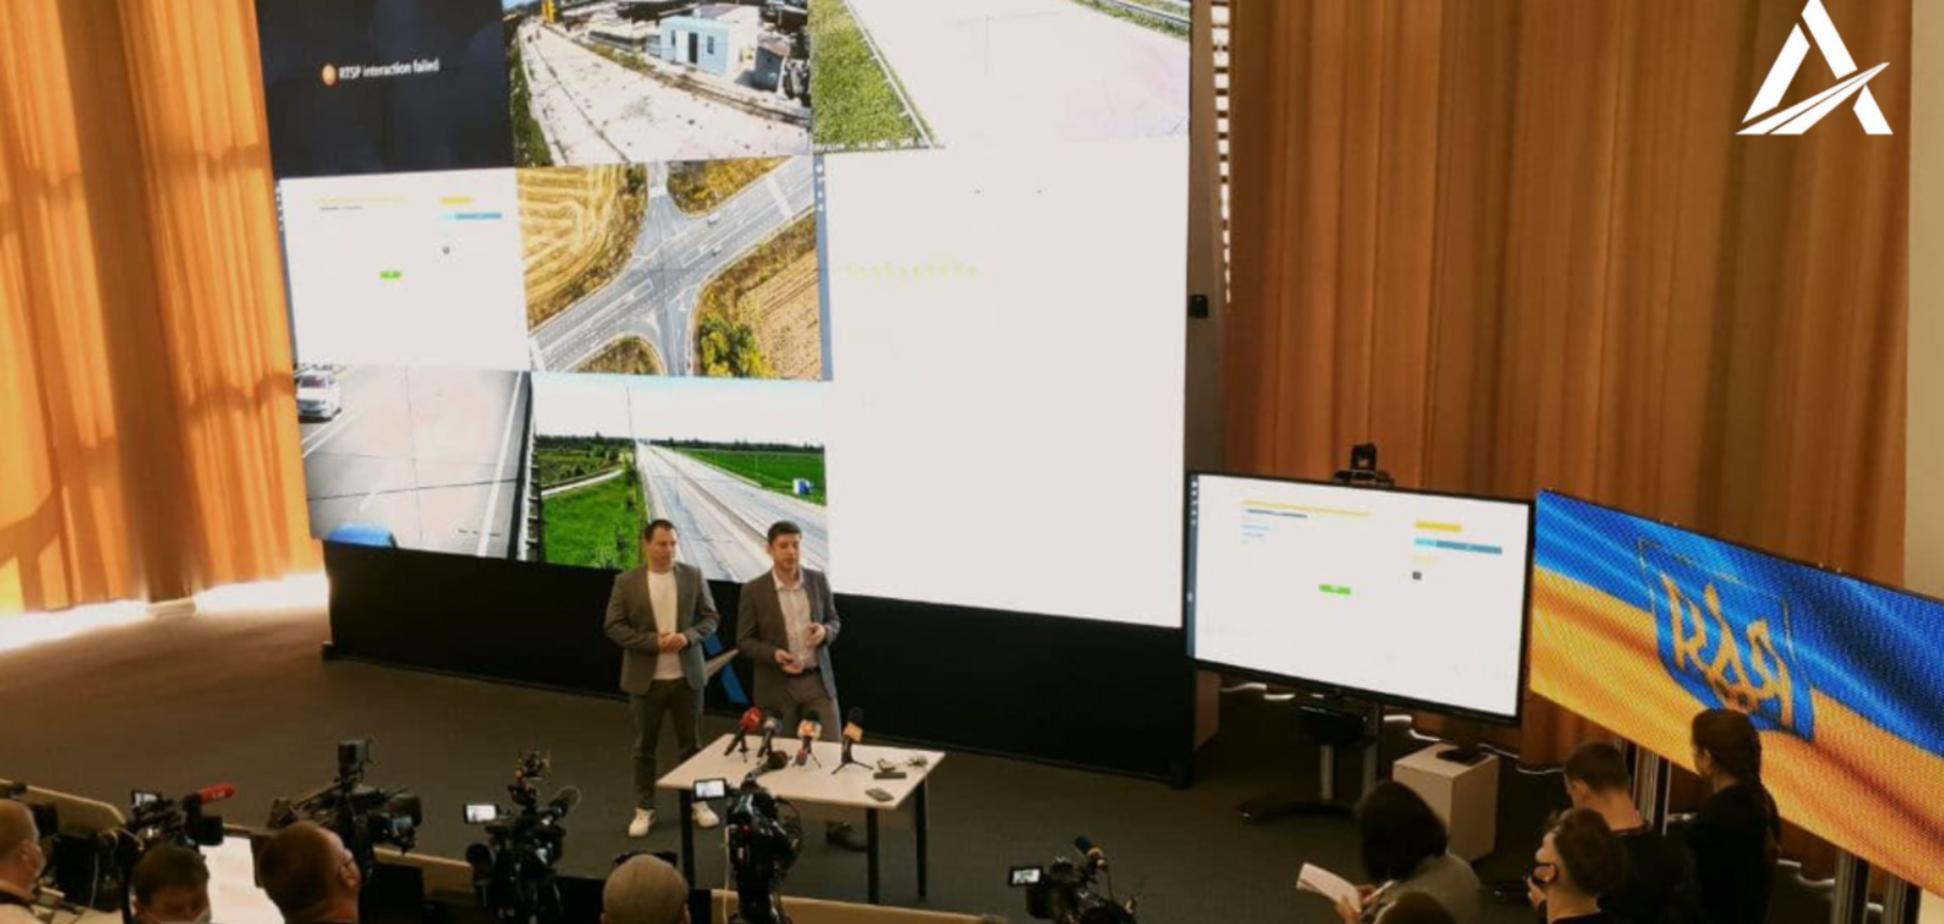 Укравтодор будет контролировать 'Большую стройку' дорог через новаторскую систему E-ROAD